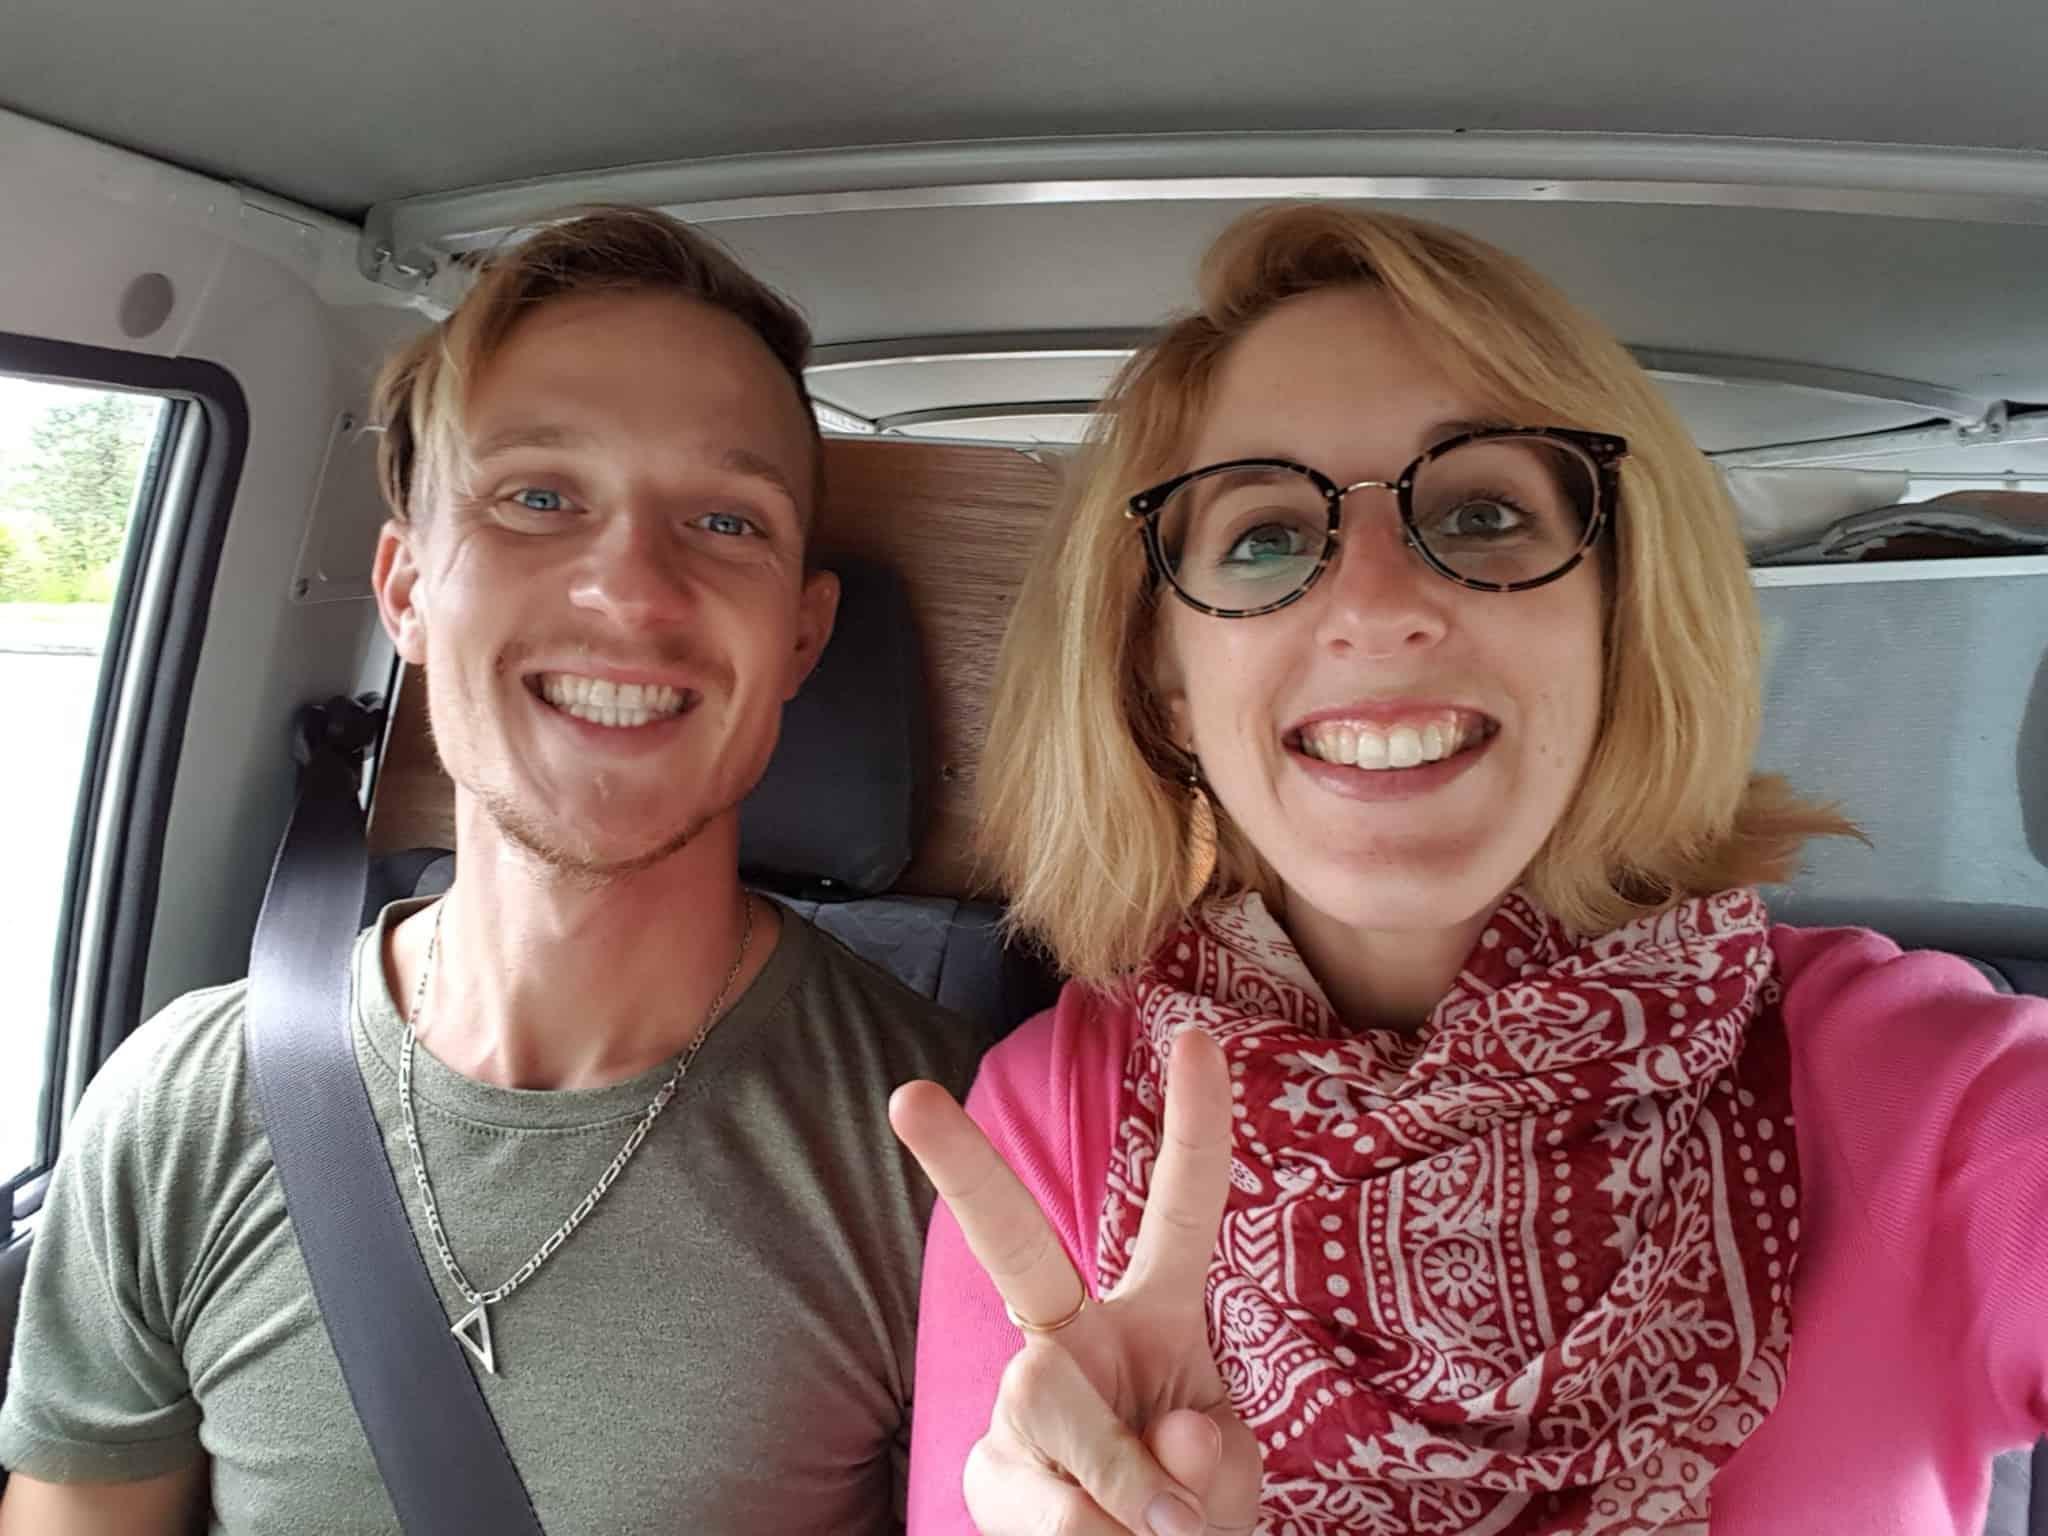 Nouvelle-Zélande, on prend enfin la route avec notre van ! 🚀 2